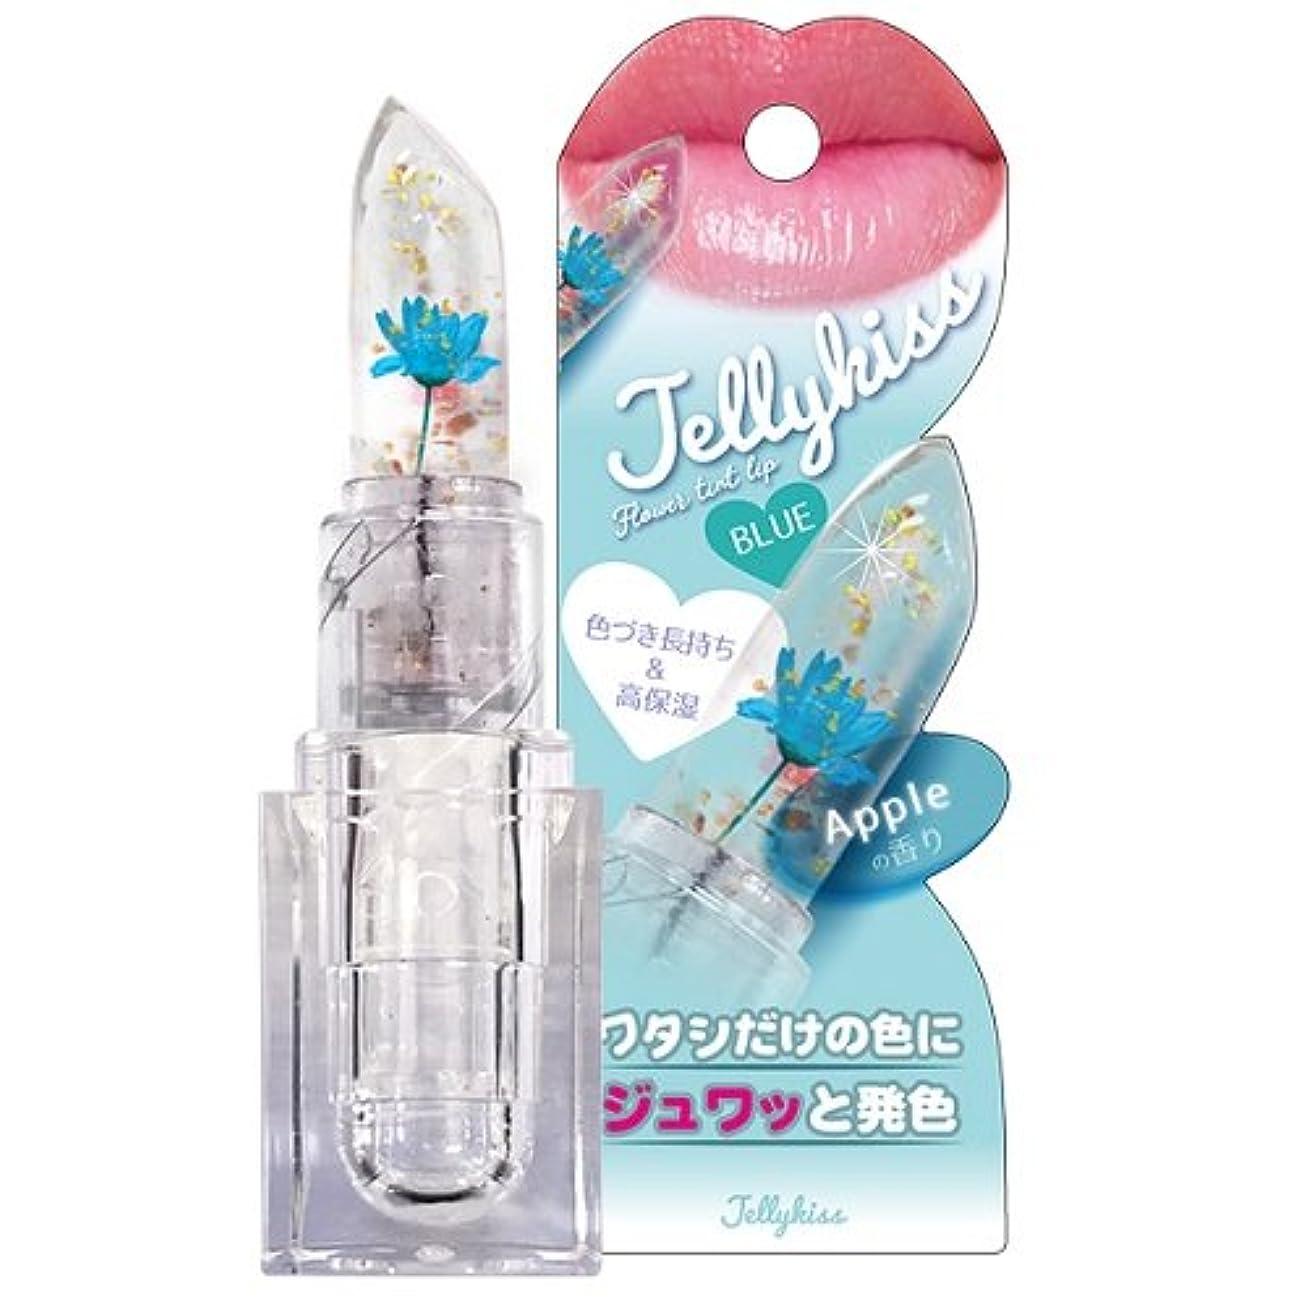 混沌上昇シェルジェリキス (Jelly kiss) 04 ブルー 3.5g